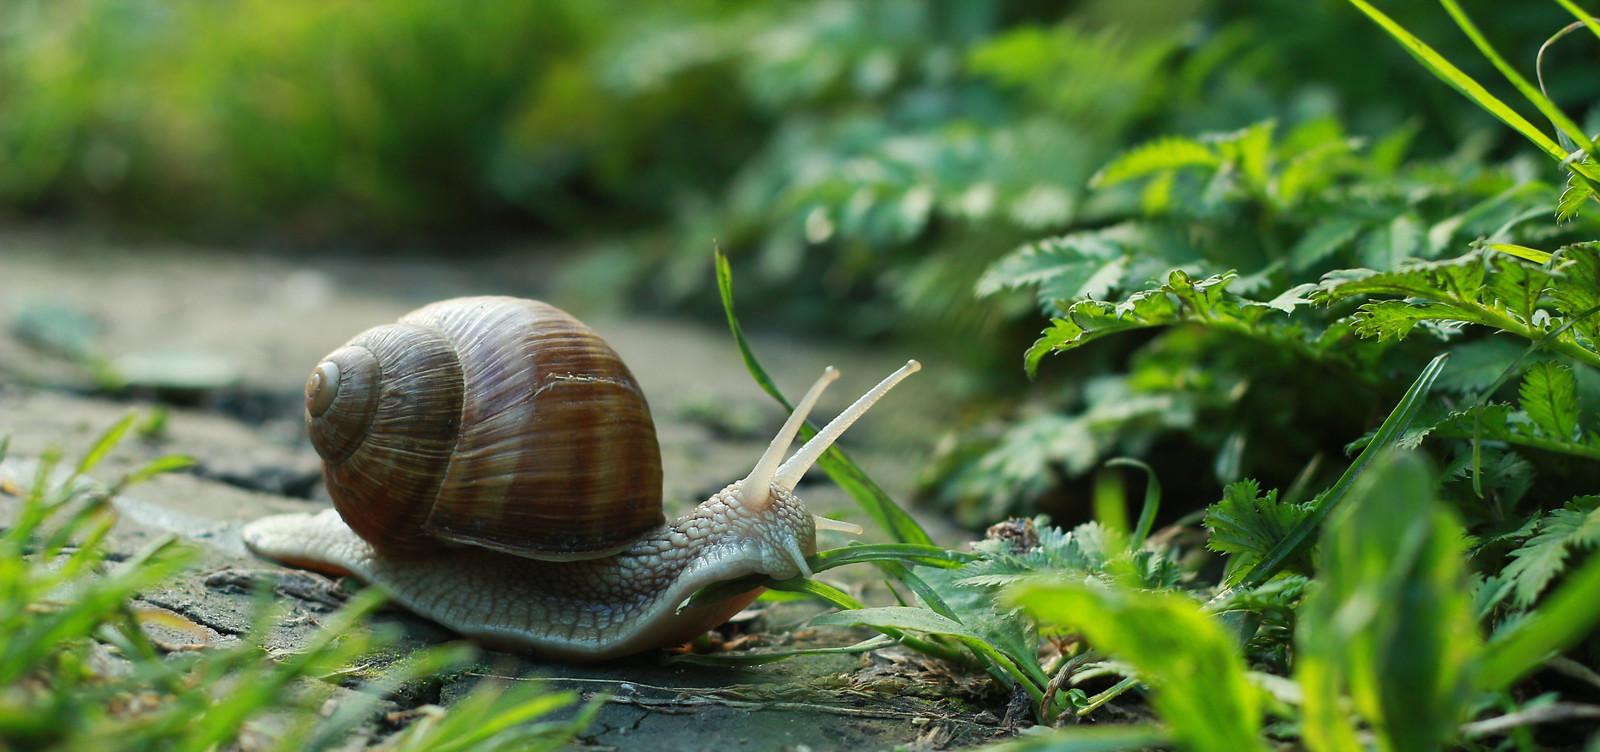 Slakken in de tuin. Shutterstock